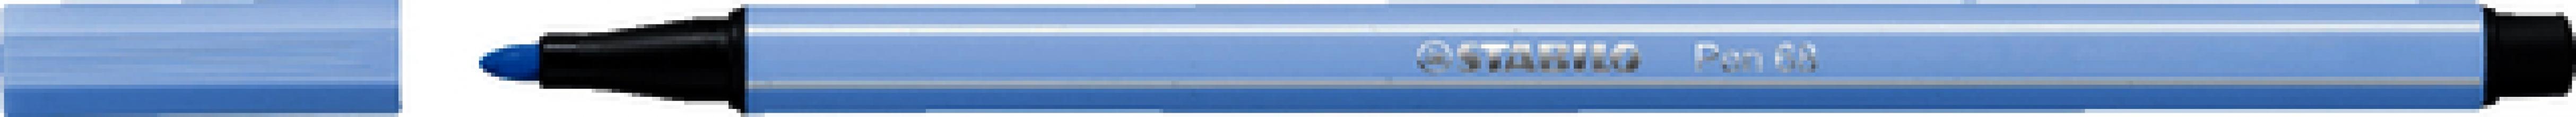 , Viltstift STABILO Pen 68/11 ijs blauw